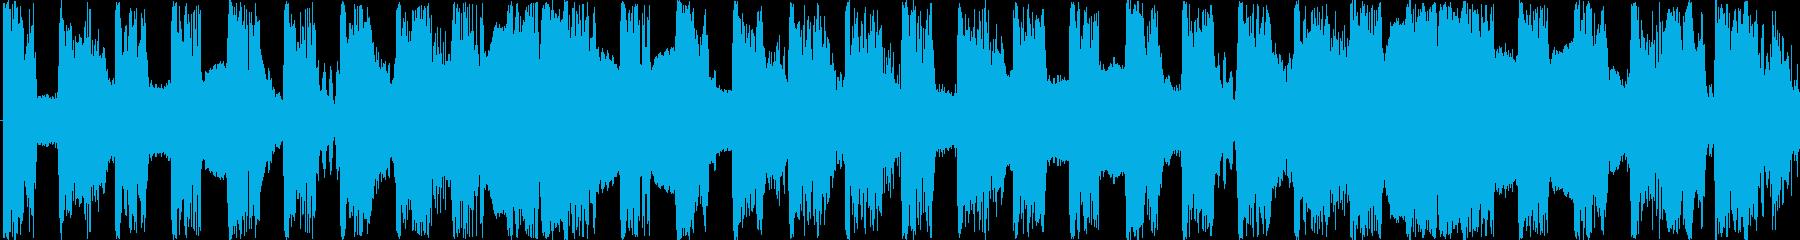 軽快だけど少し変な曲です。18秒の曲で…の再生済みの波形